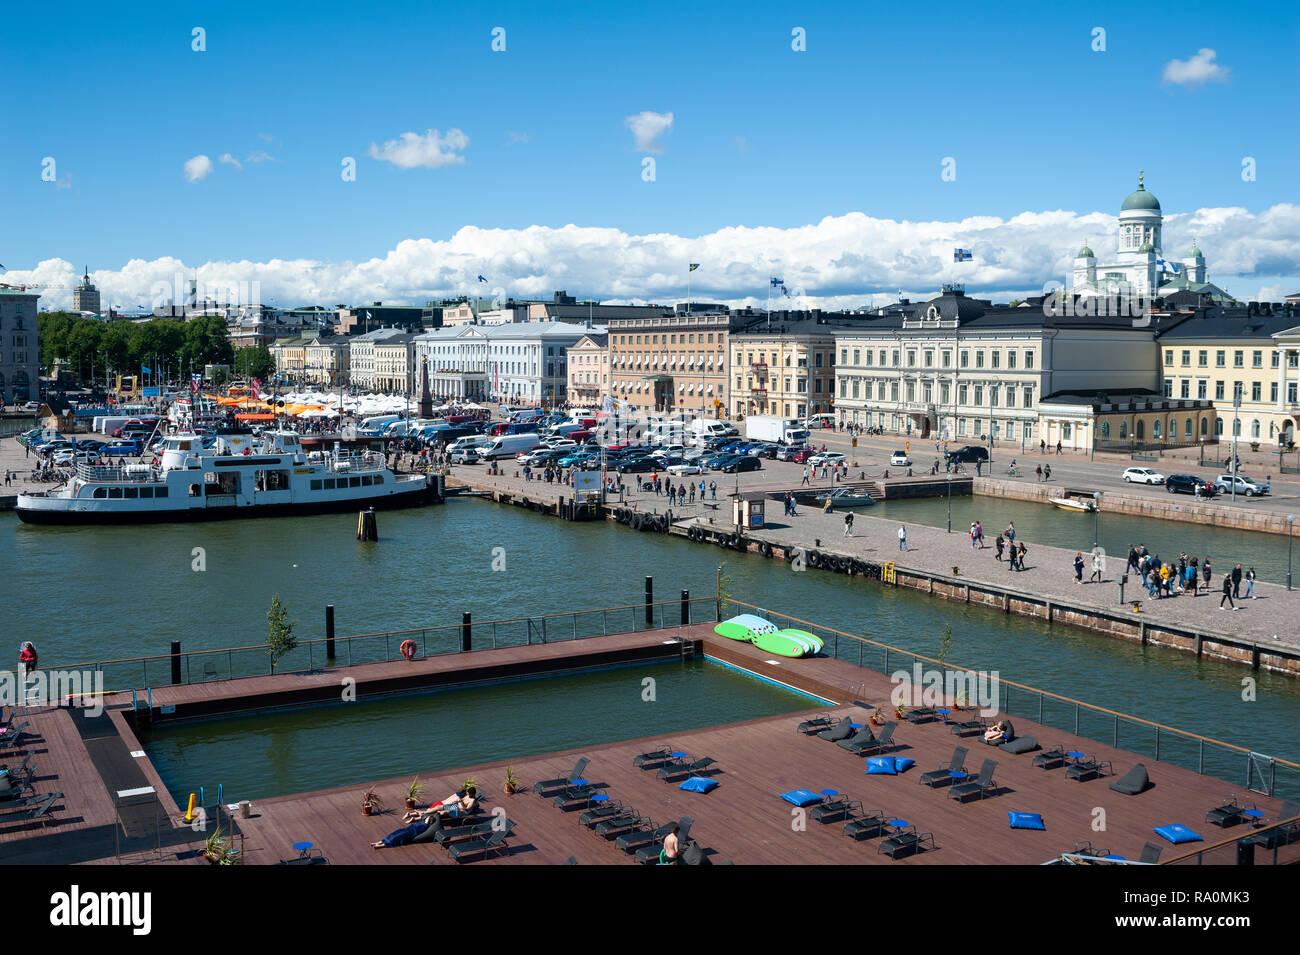 23.06.2018 - Helsinki, Finnland, Europa - Ein erhoehter Blick auf sterben Seenland des Allas Meer Pool mit Hafen, Marktplatz und dem Praesidentenpala Stockbild